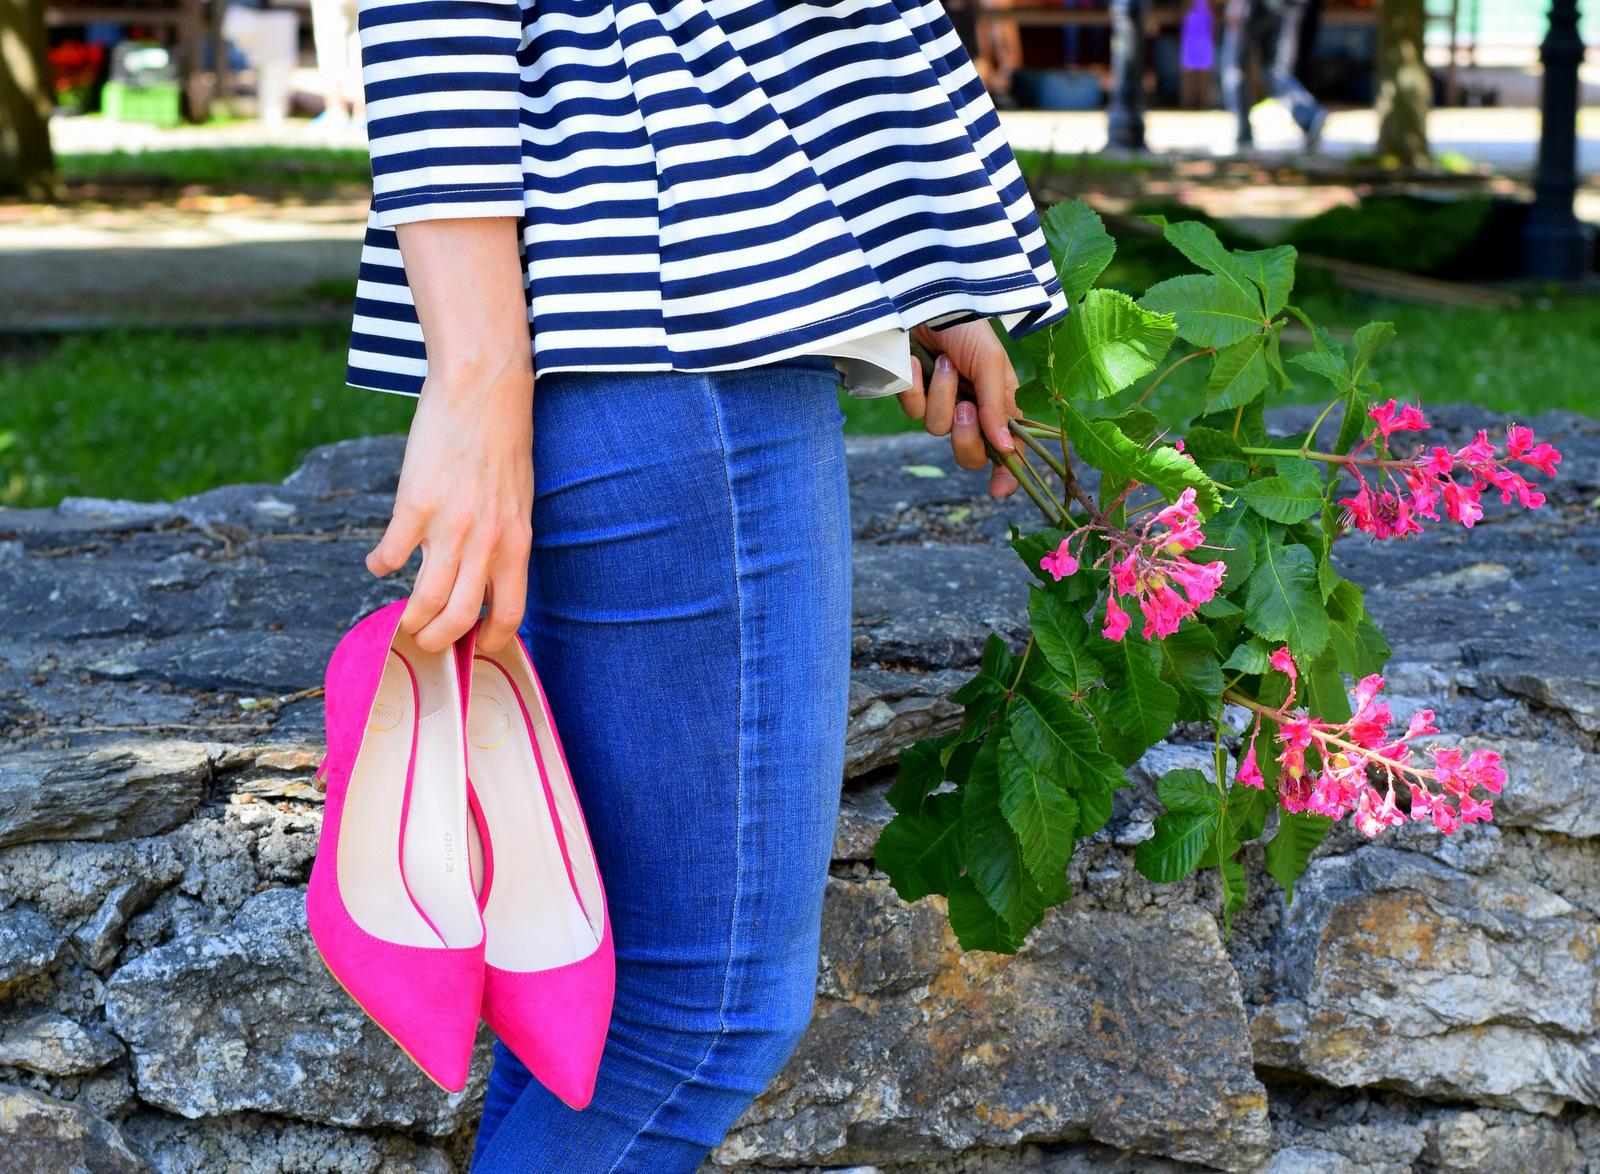 fuchsiové lodicky // oživte outfit farebnými topánkami